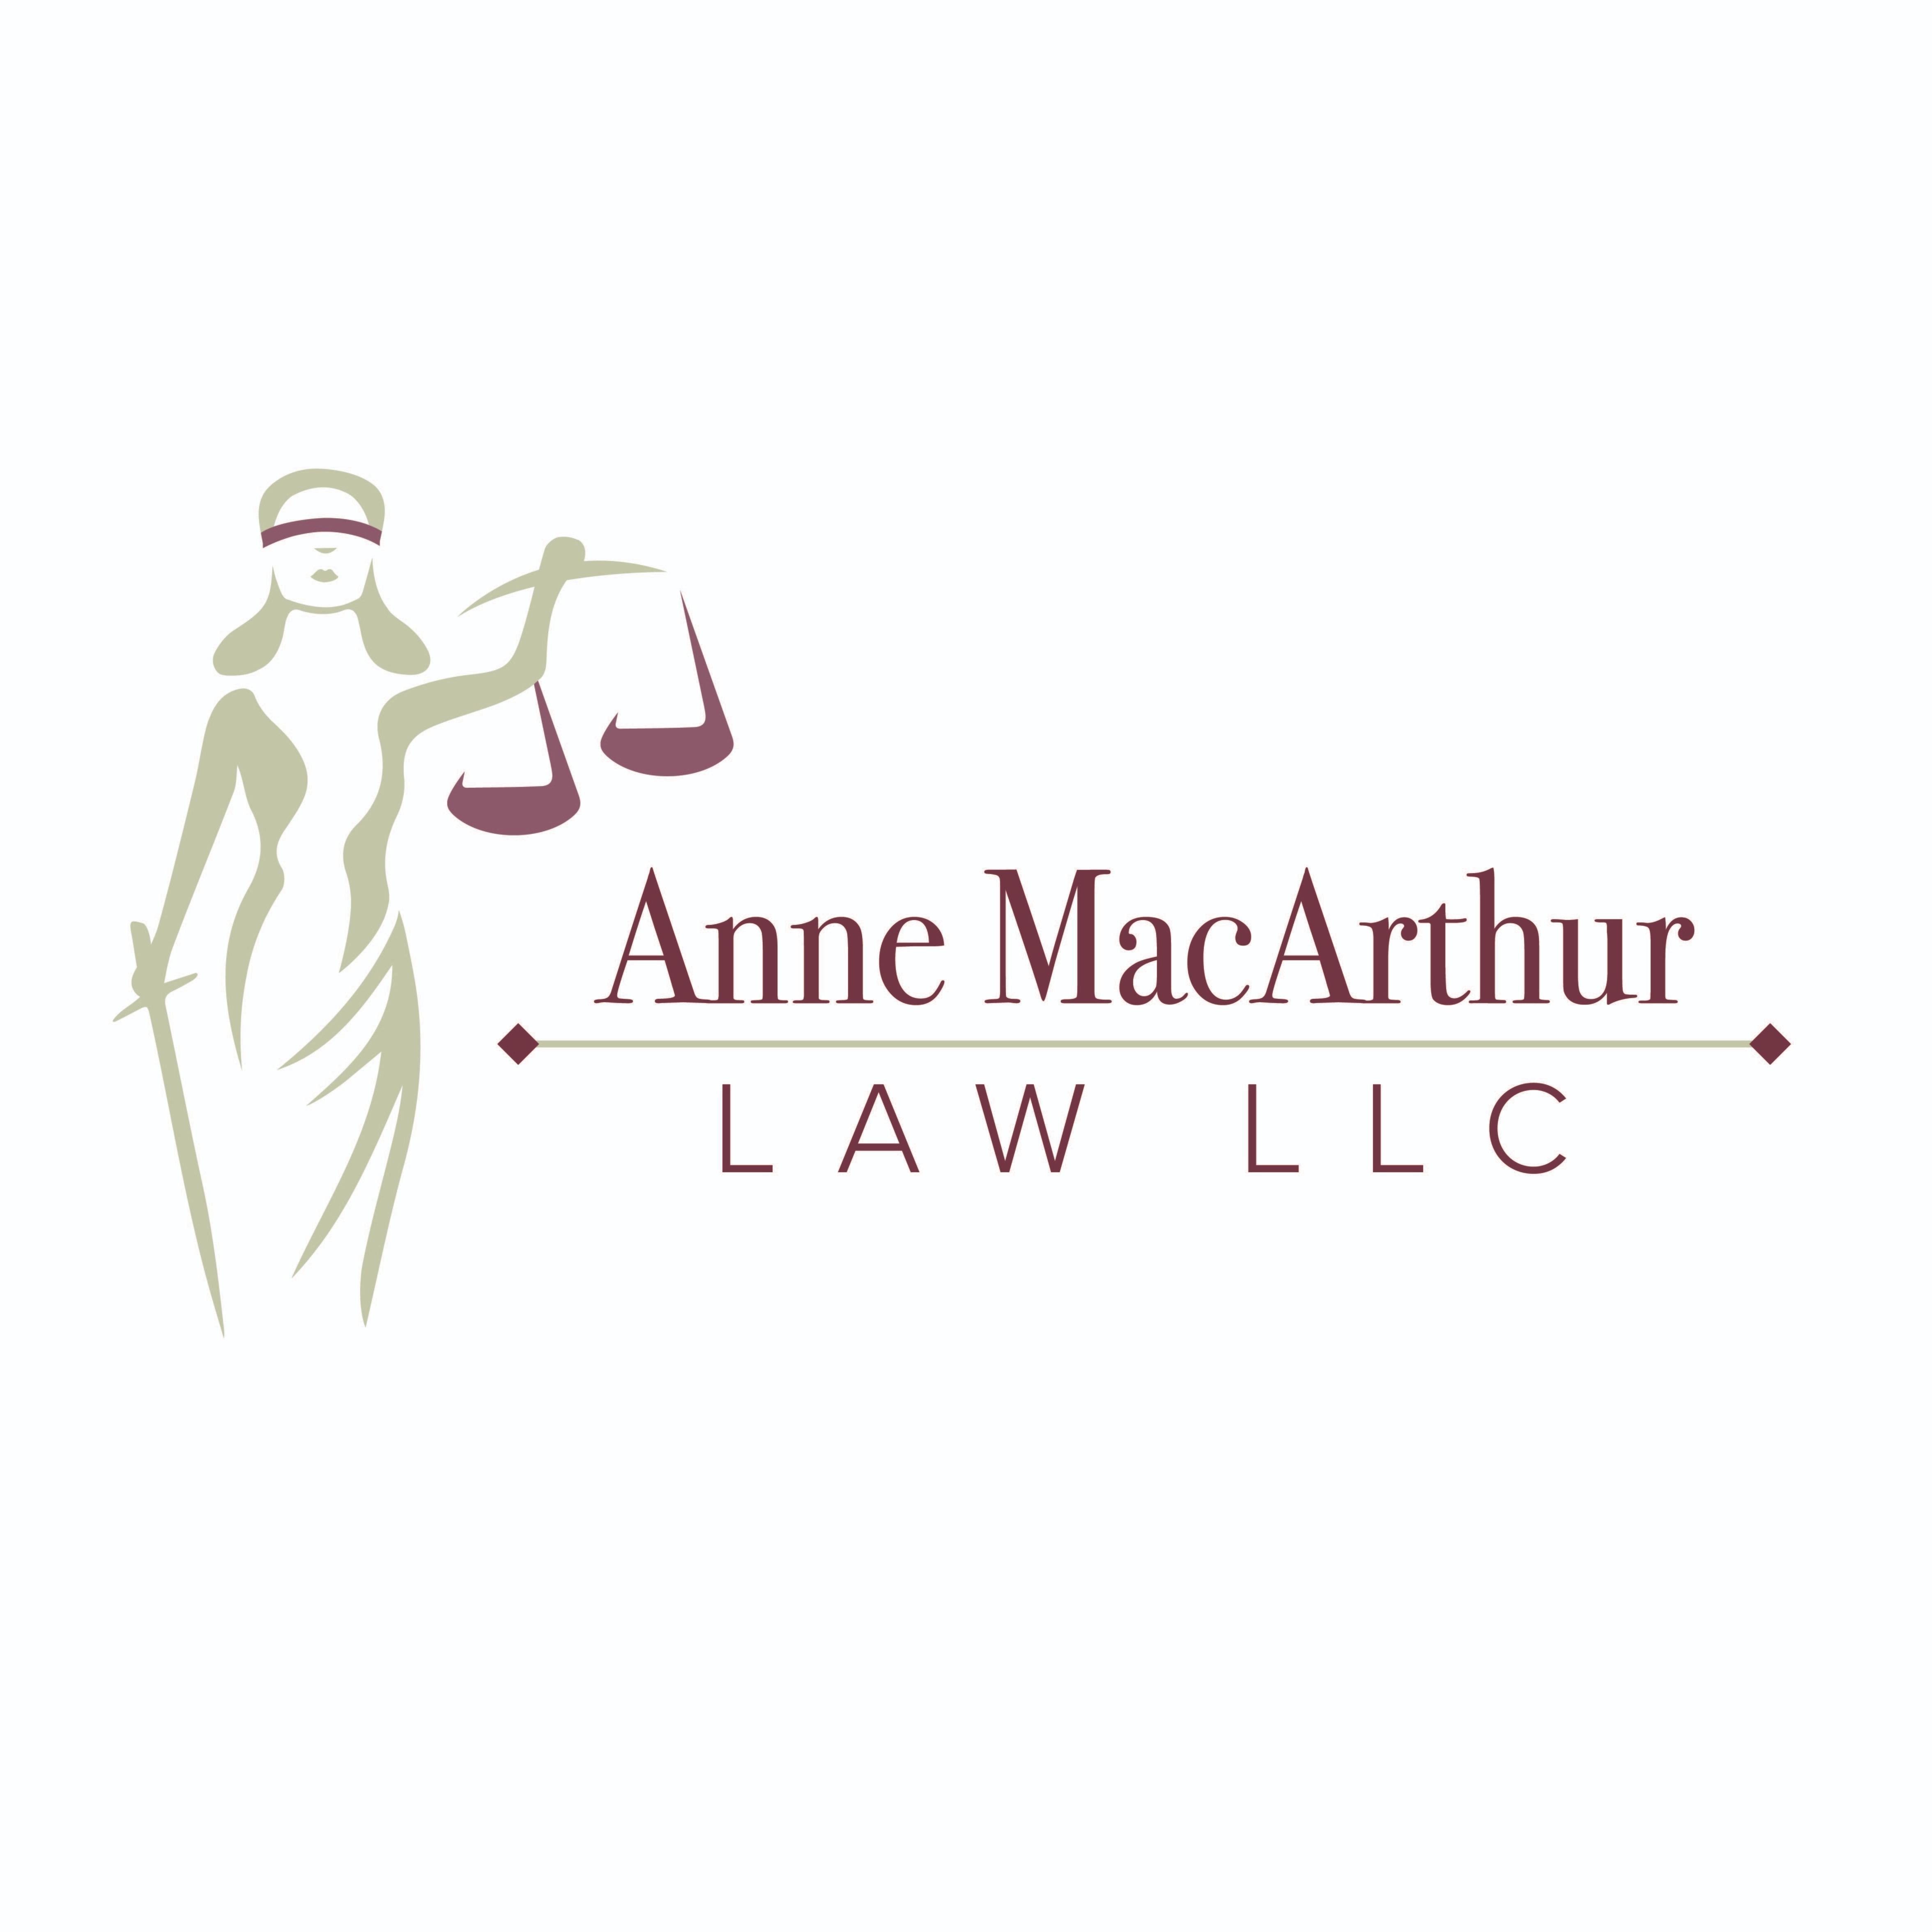 Anne MacArthur Law LLC